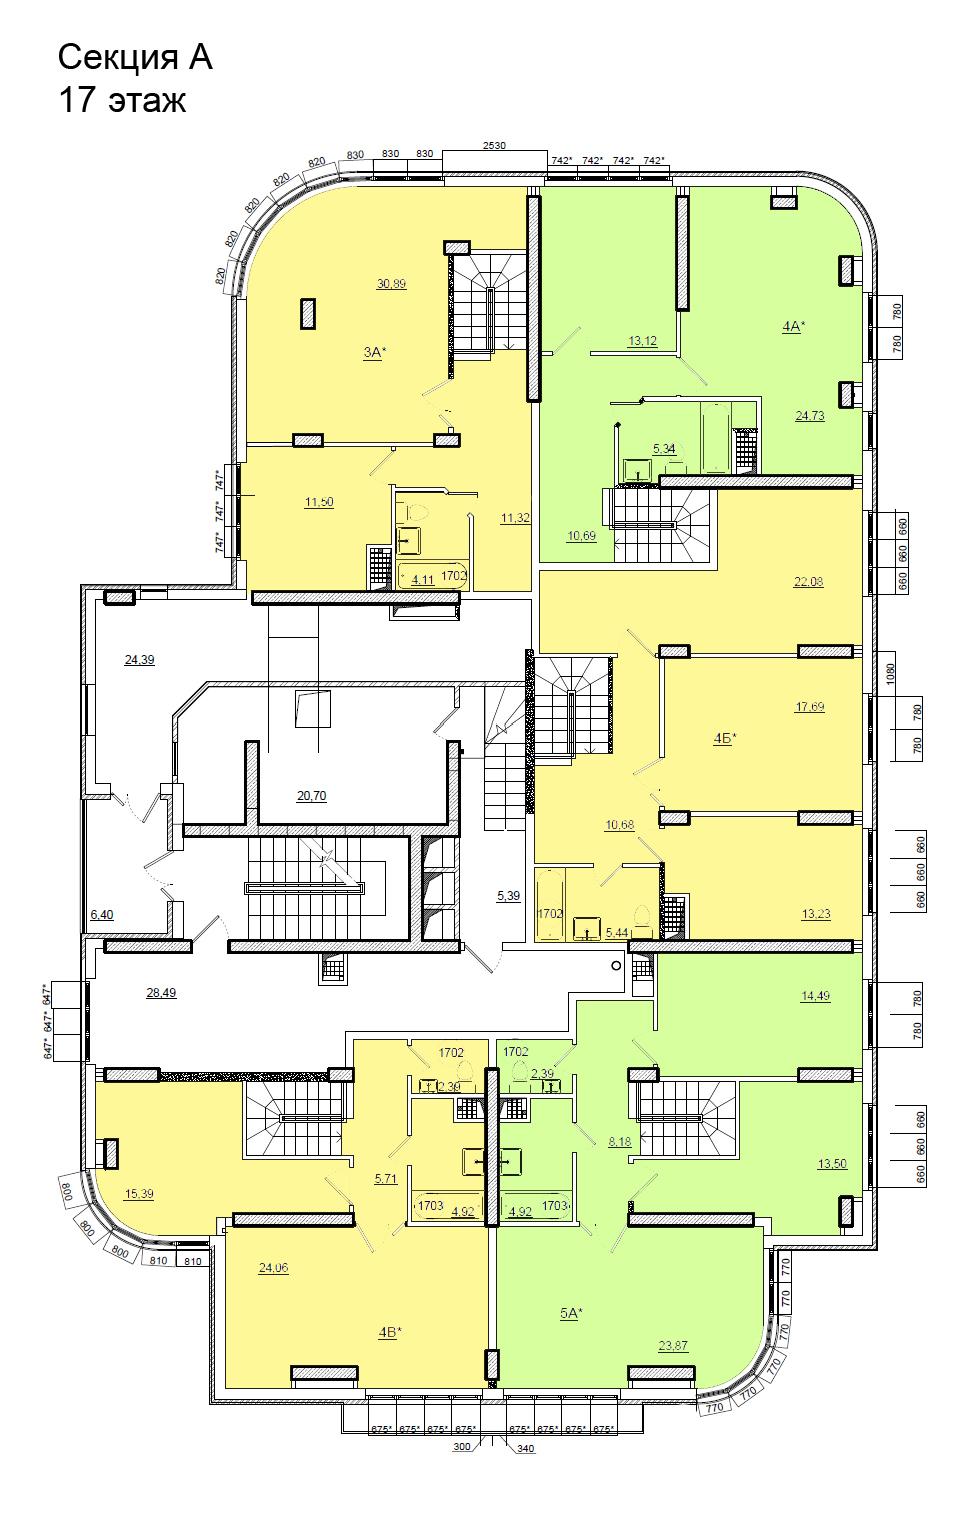 Планировки ЖК Люксембург Стикон секция А, этаж 17